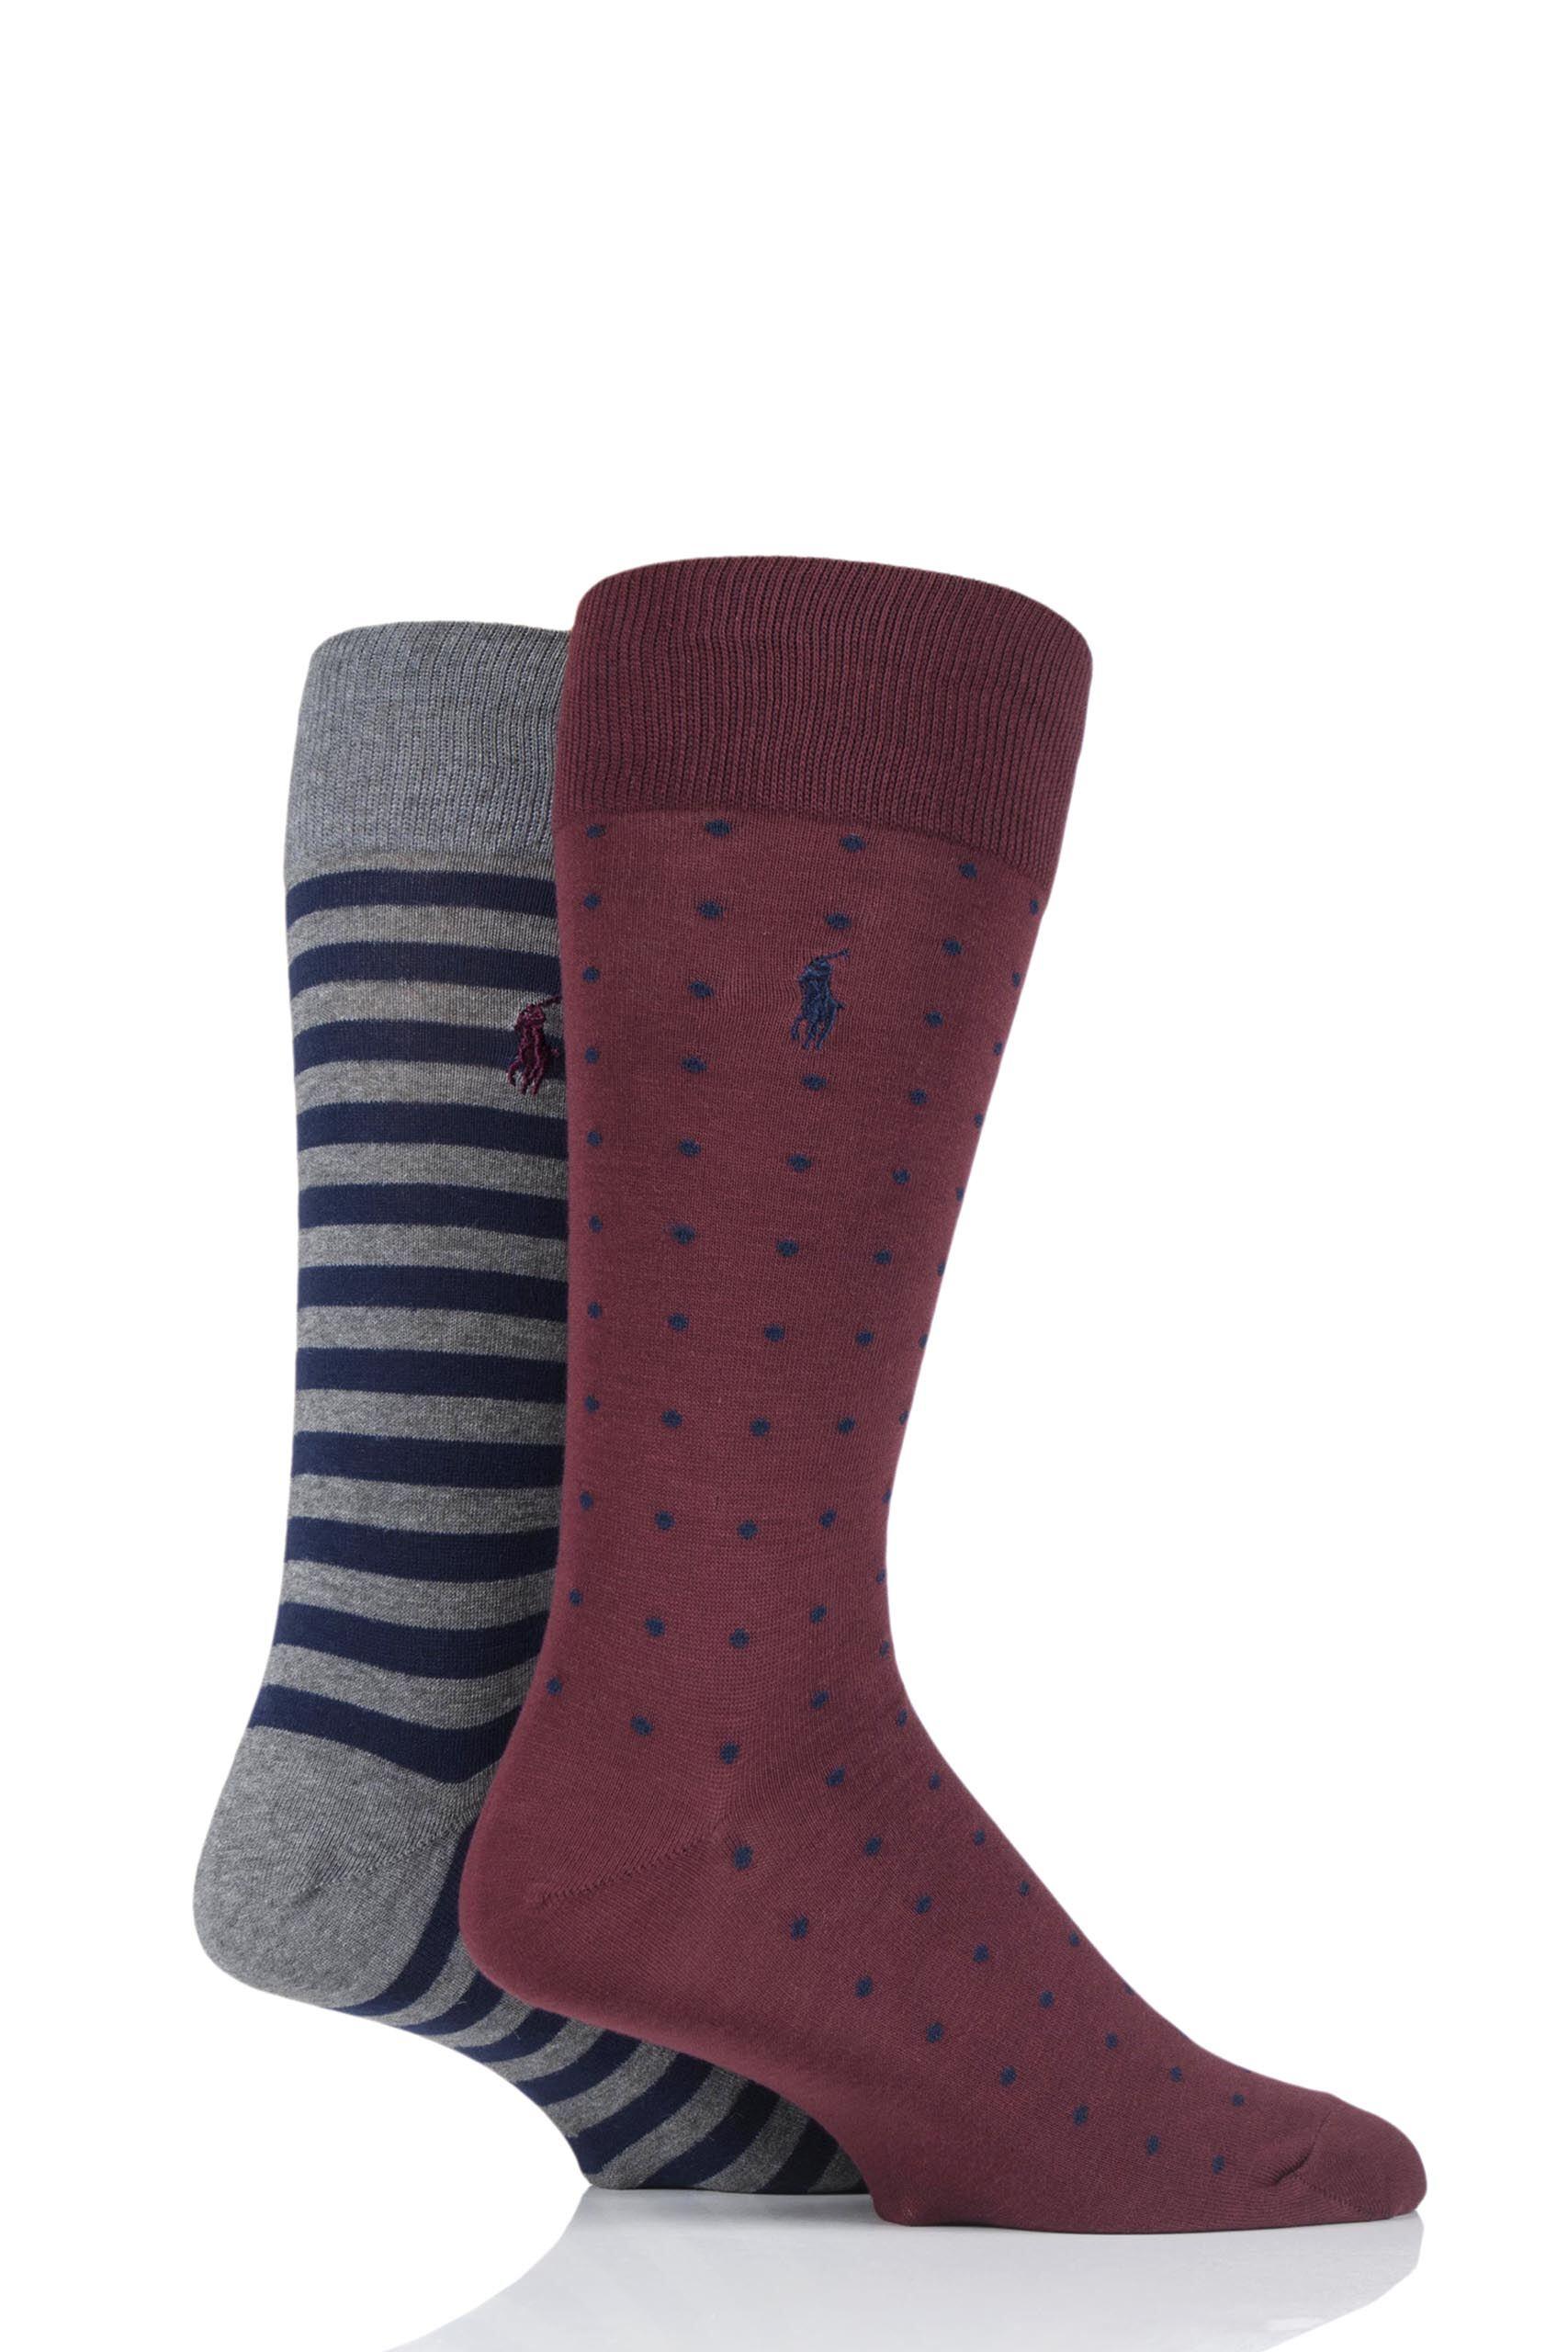 Image of 2 Pair Clas Wine/ Cru Navy/ Fos Grey Dot and Stripe Cotton Socks Men's 44141 - Ralph Lauren